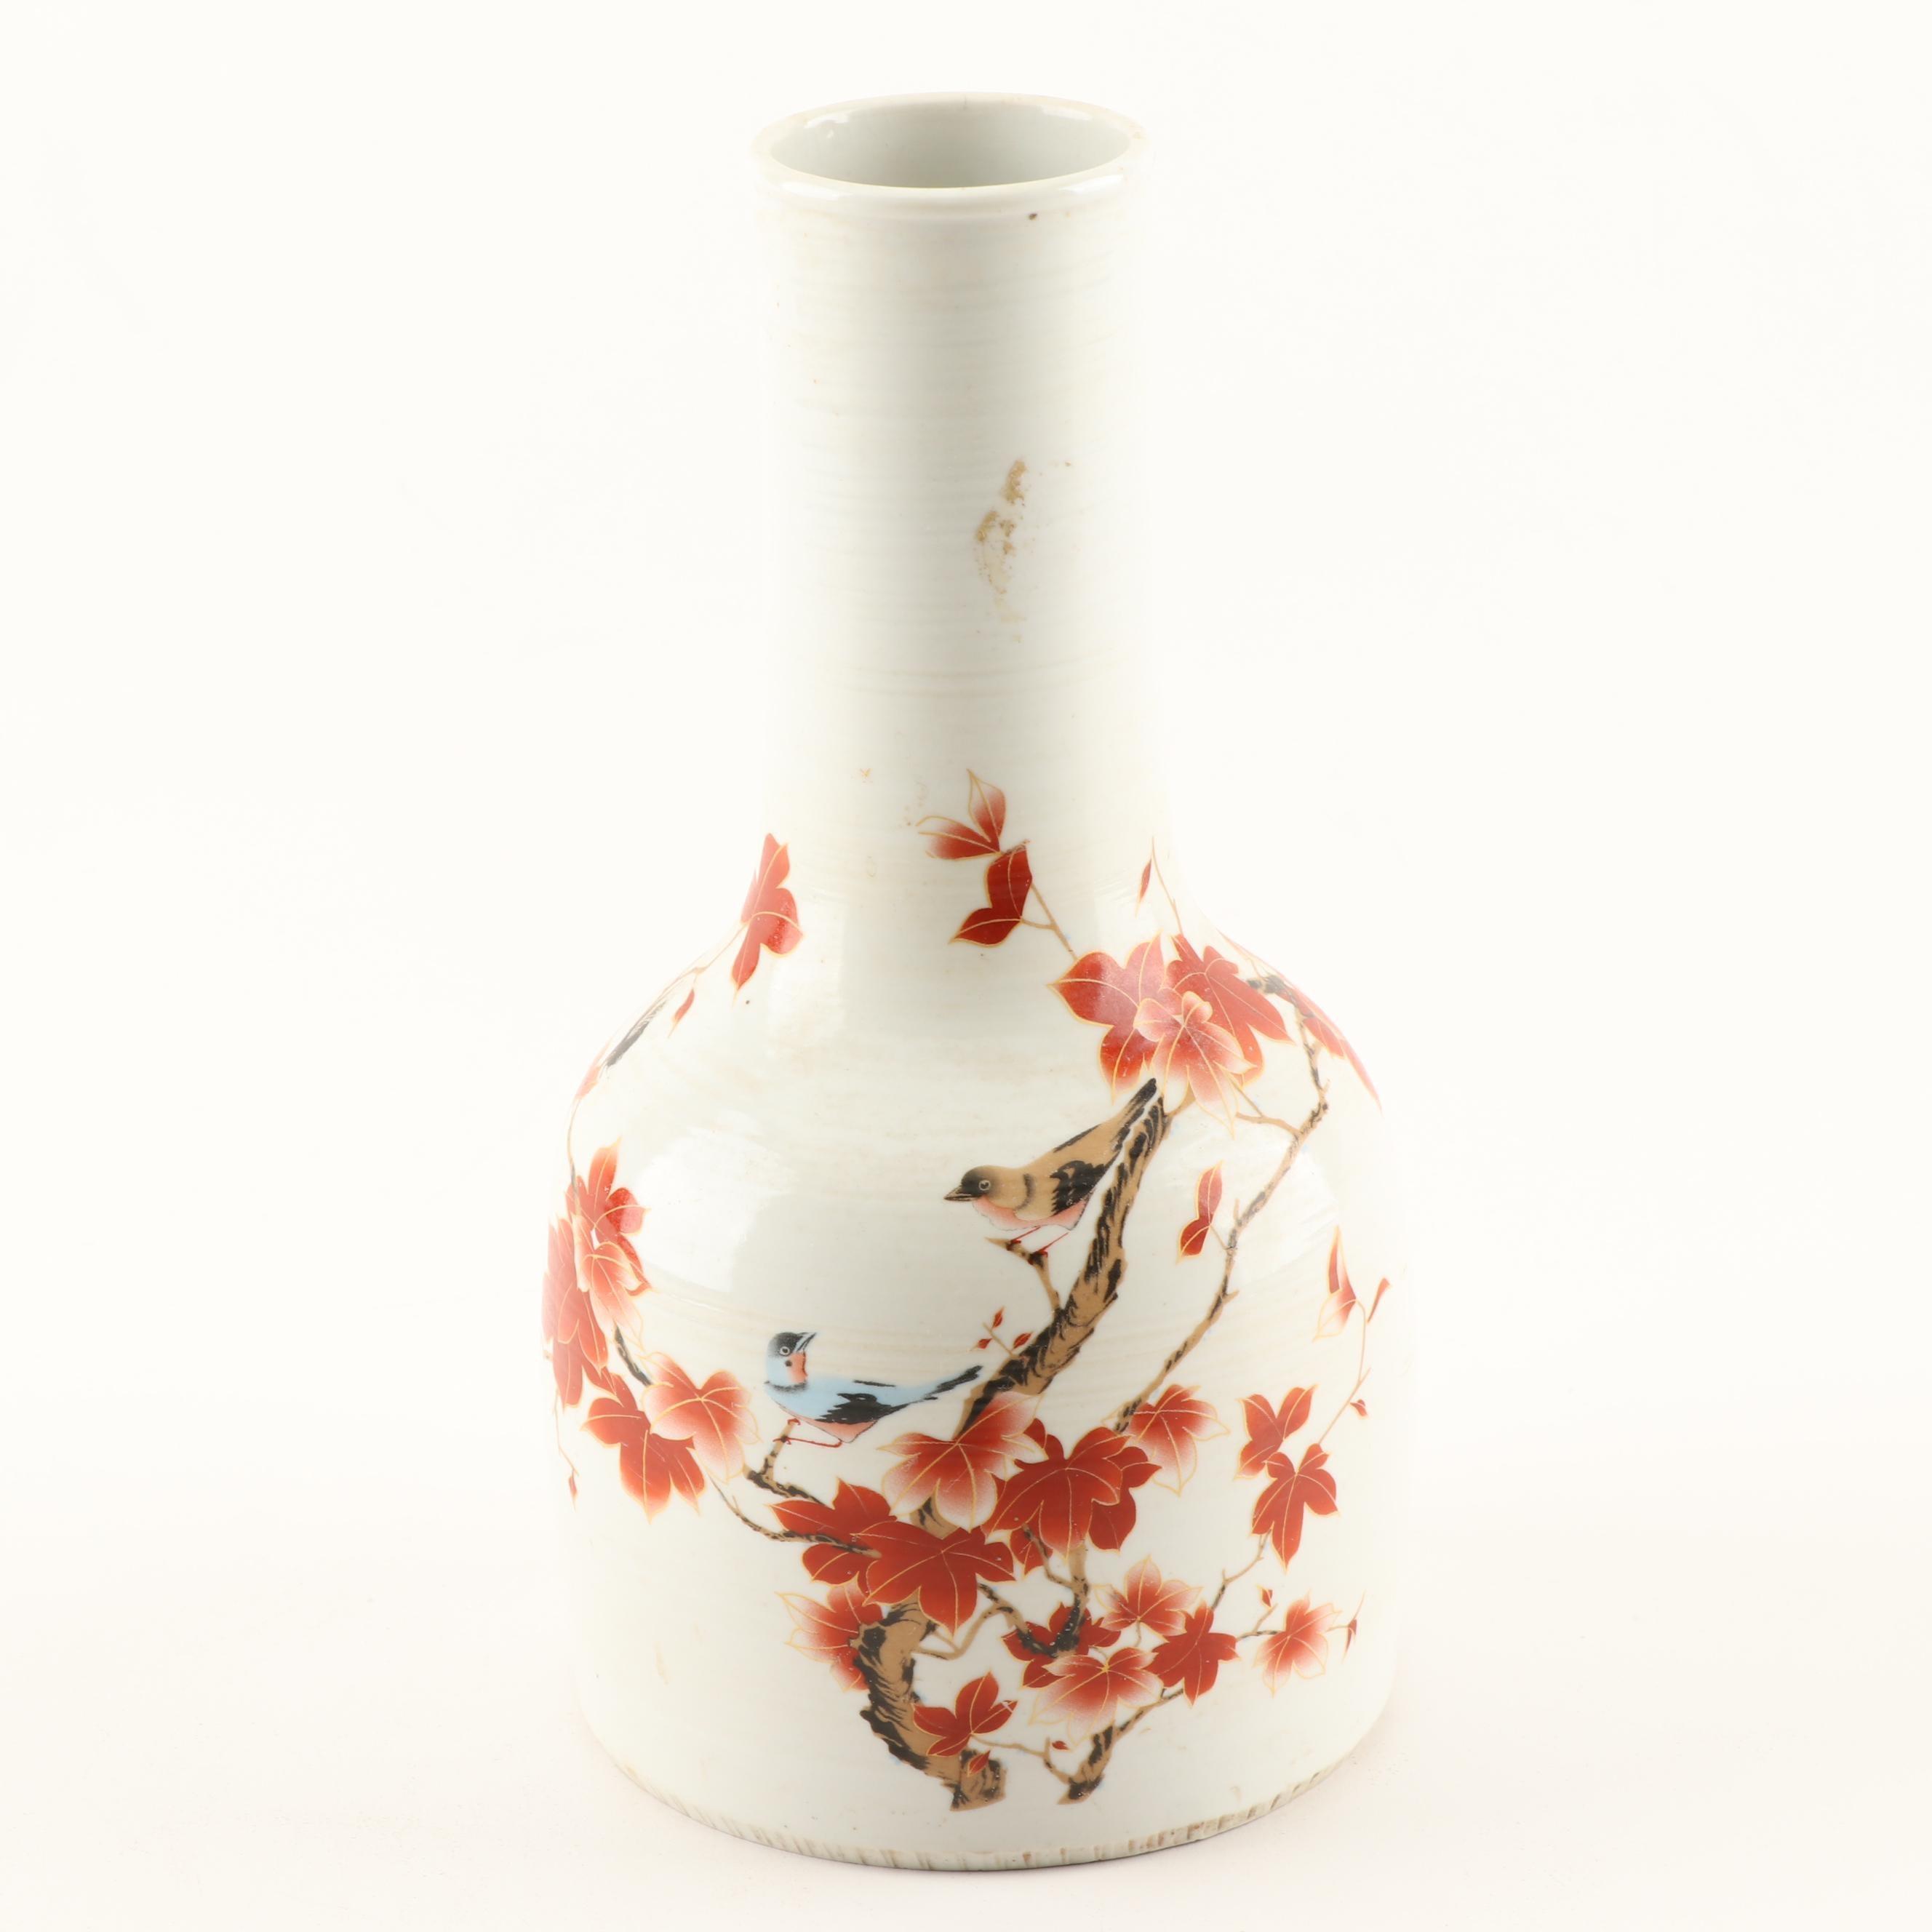 Chinese Hand-Painted Ceramic Vase, Republic Period